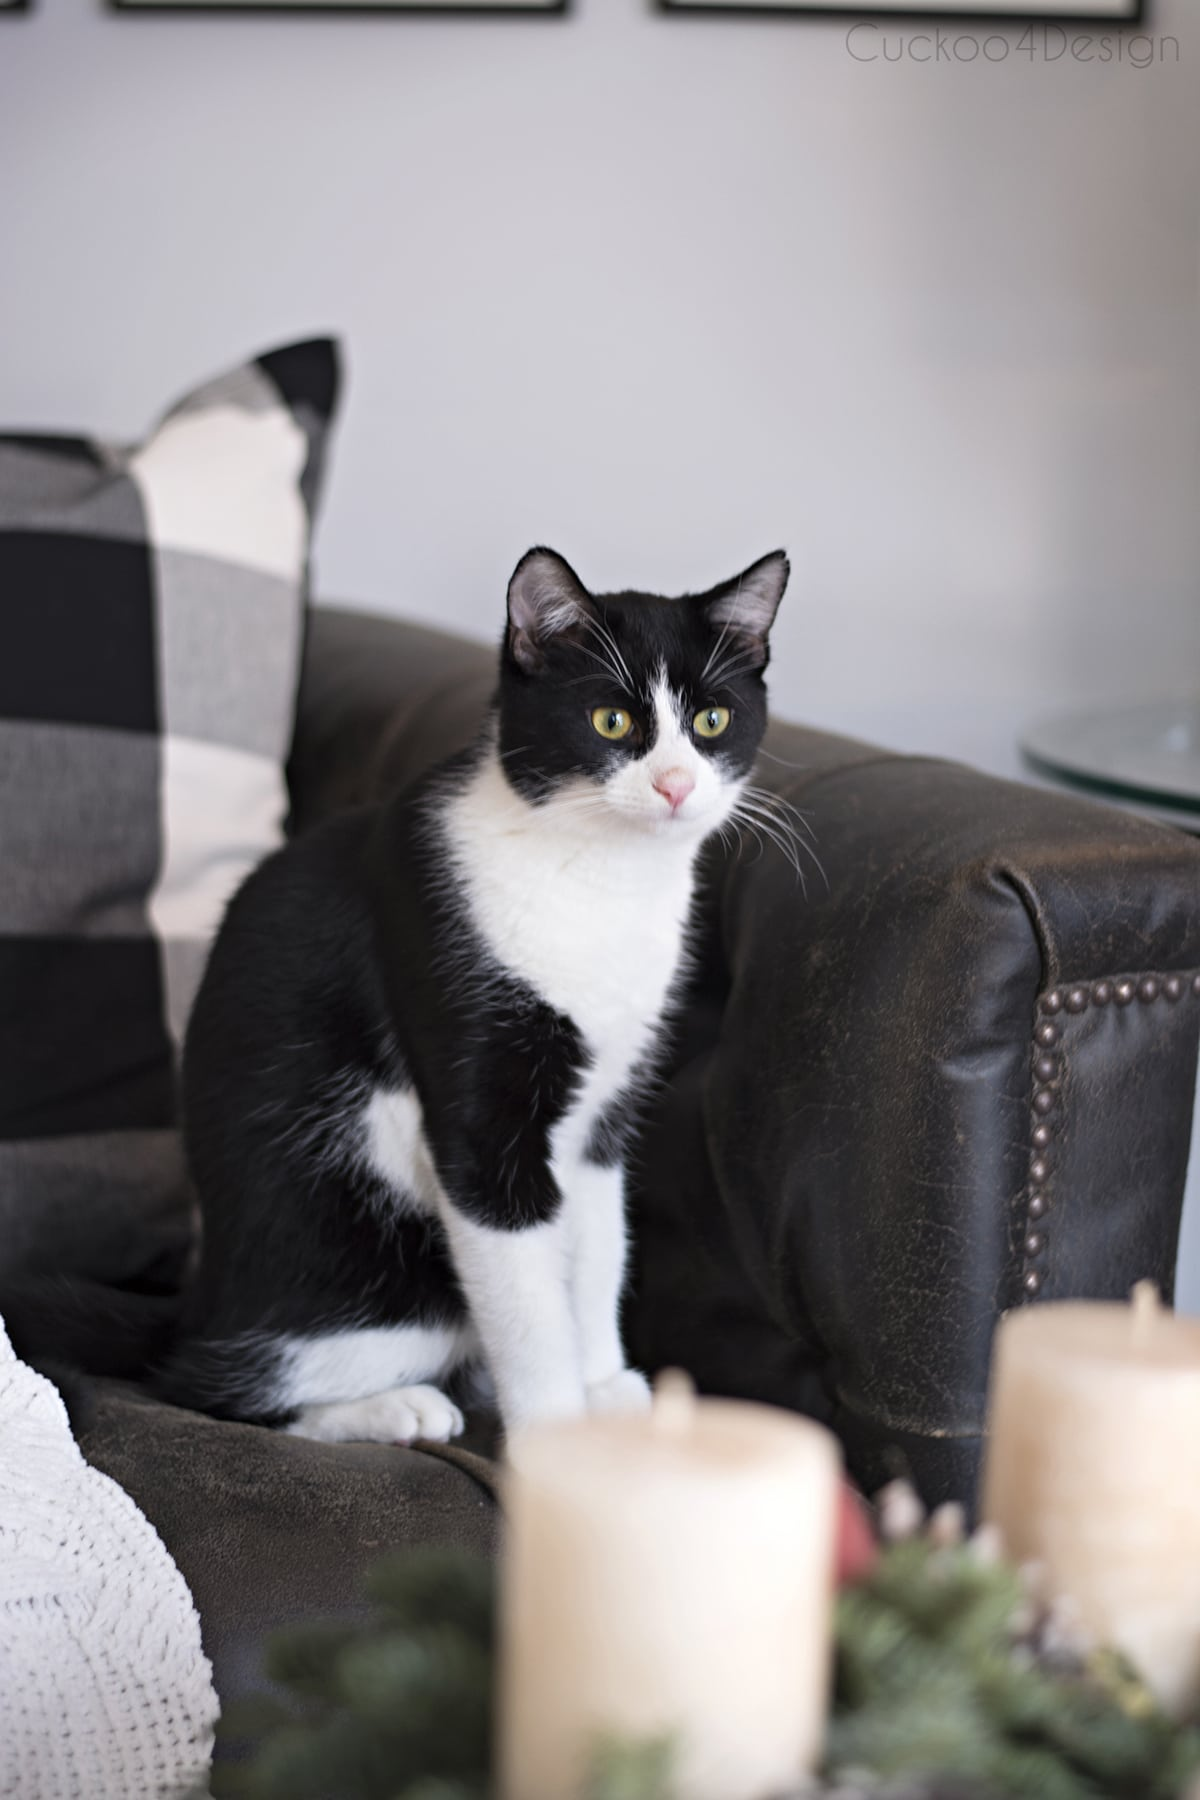 our tuxedo kitty Willy